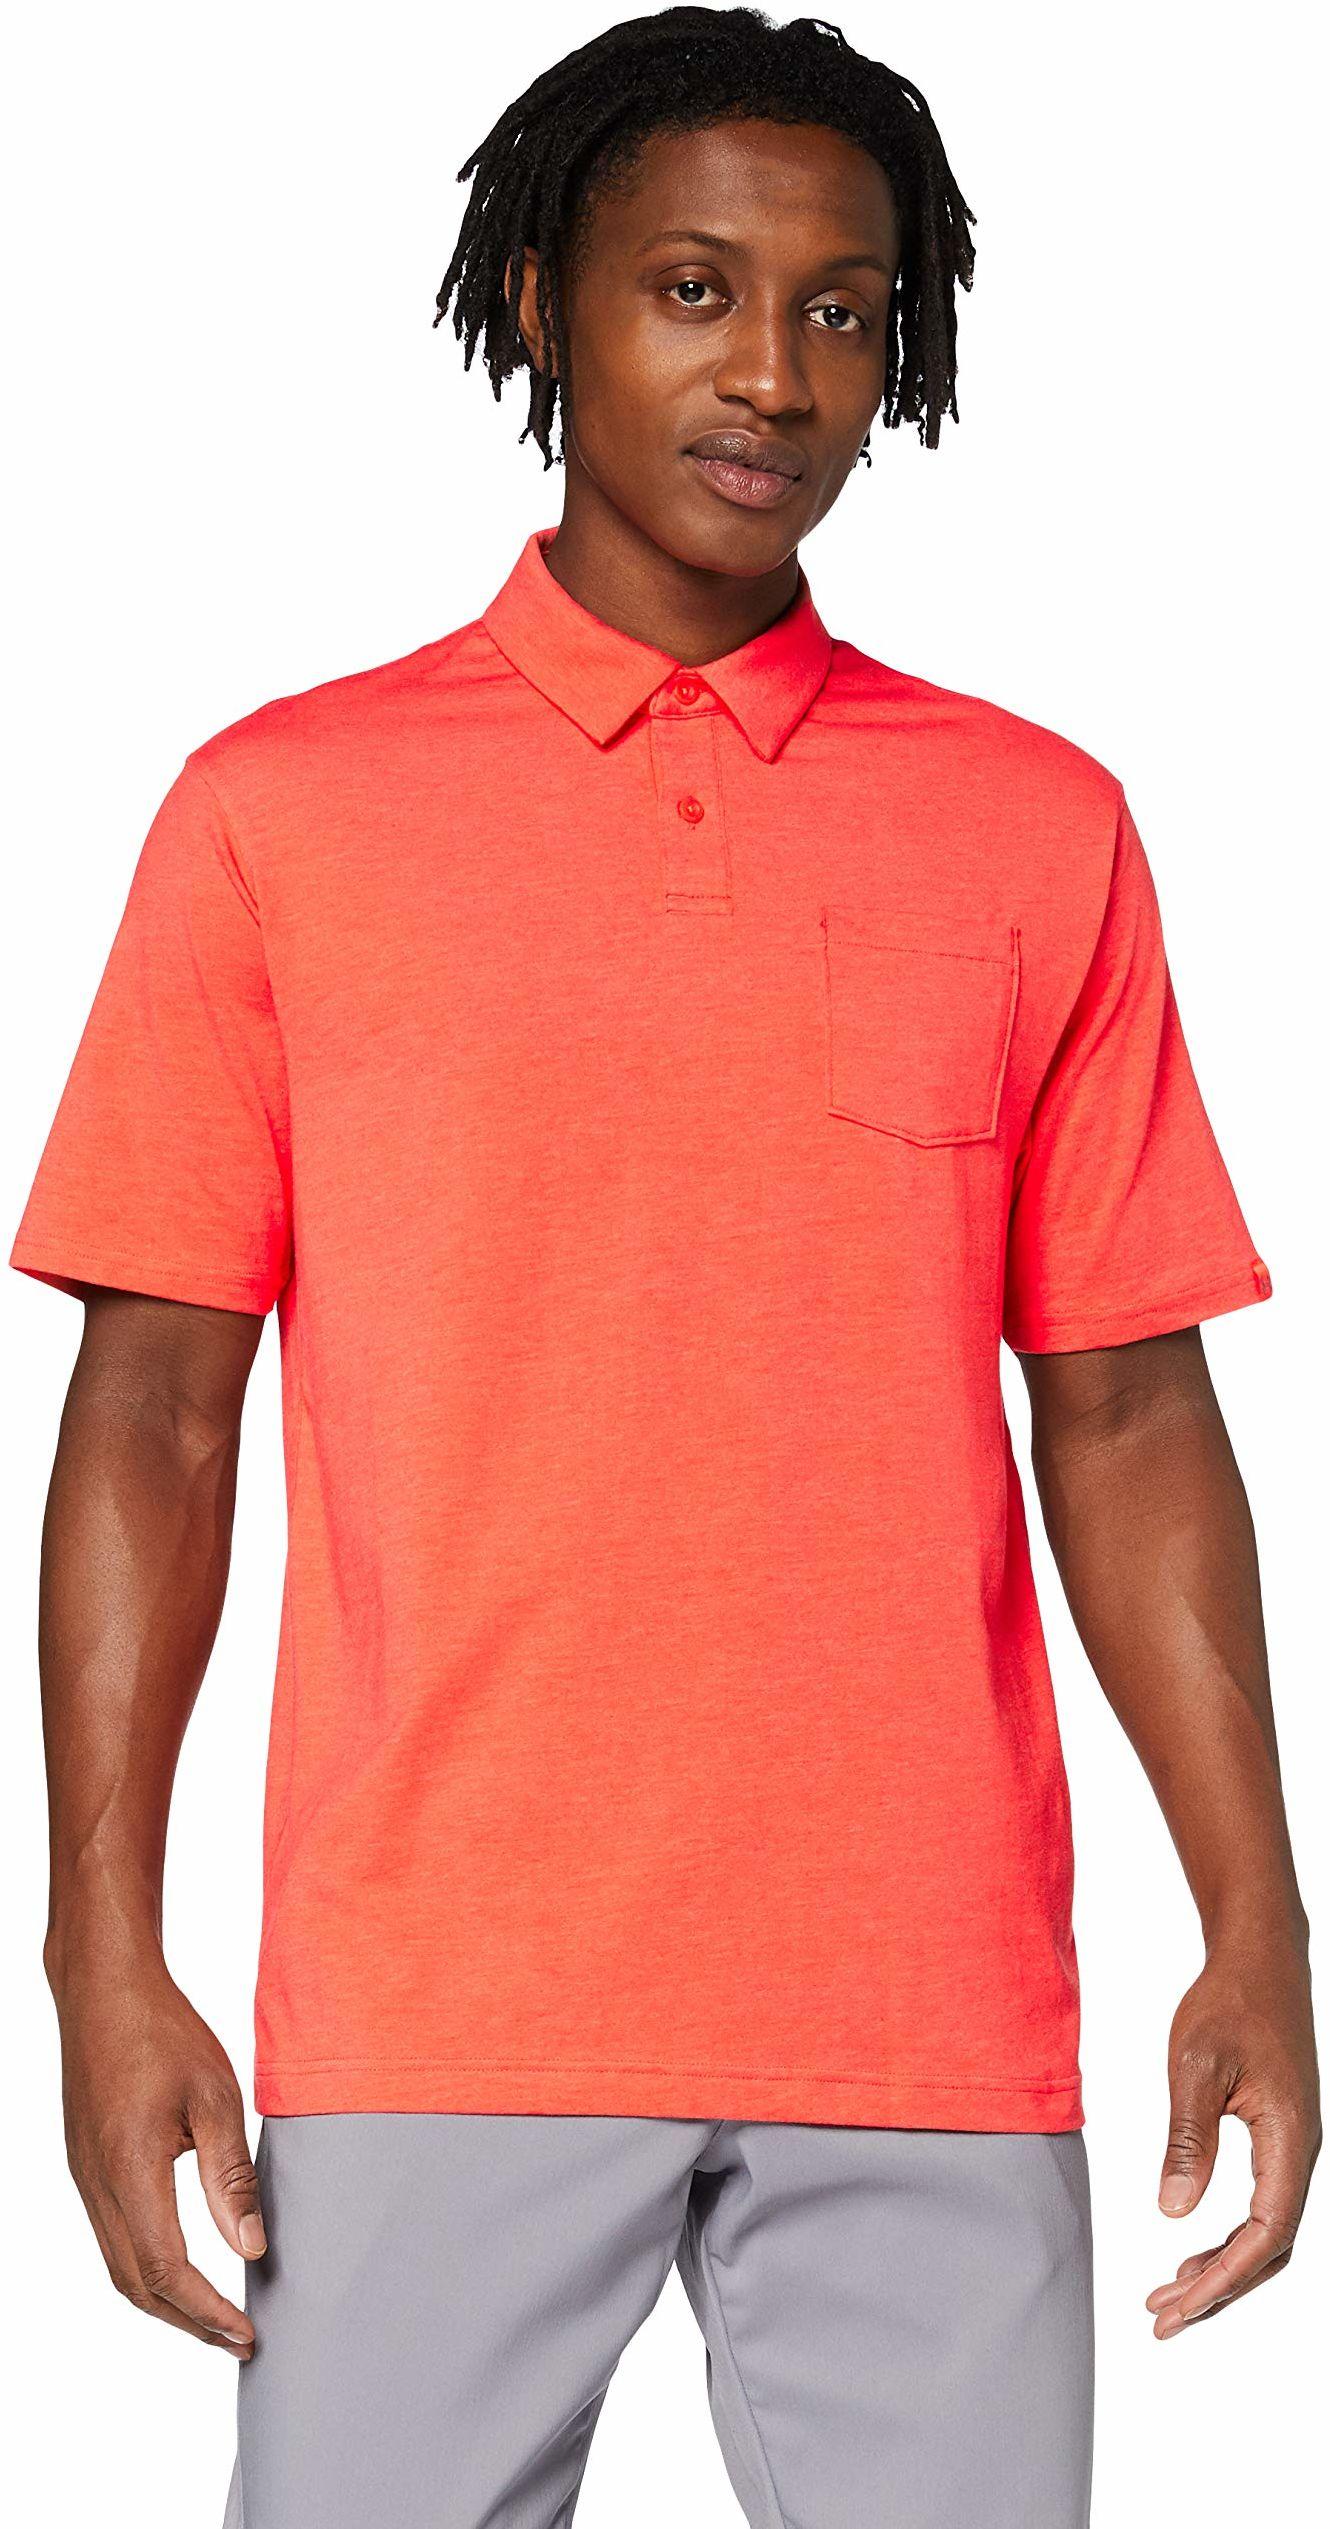 Under Armour męska koszulka polo Charged Cotton Scramble Polo, oddychająca koszulka sportowa, szeroki krój czerwony czerwony S